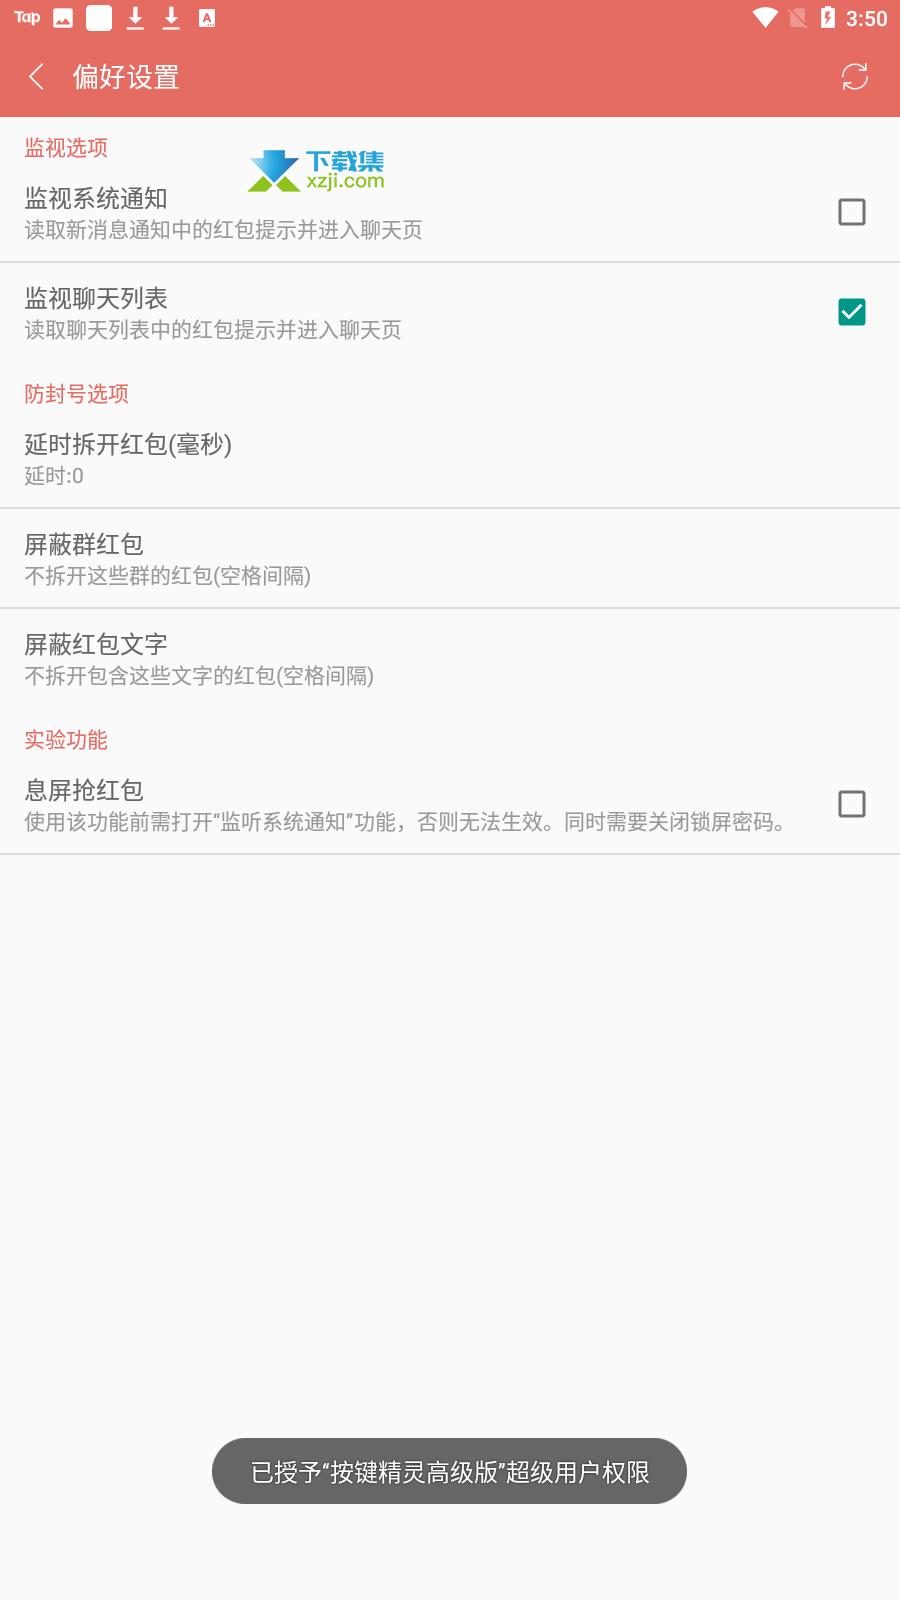 微信抢红包软件界面1